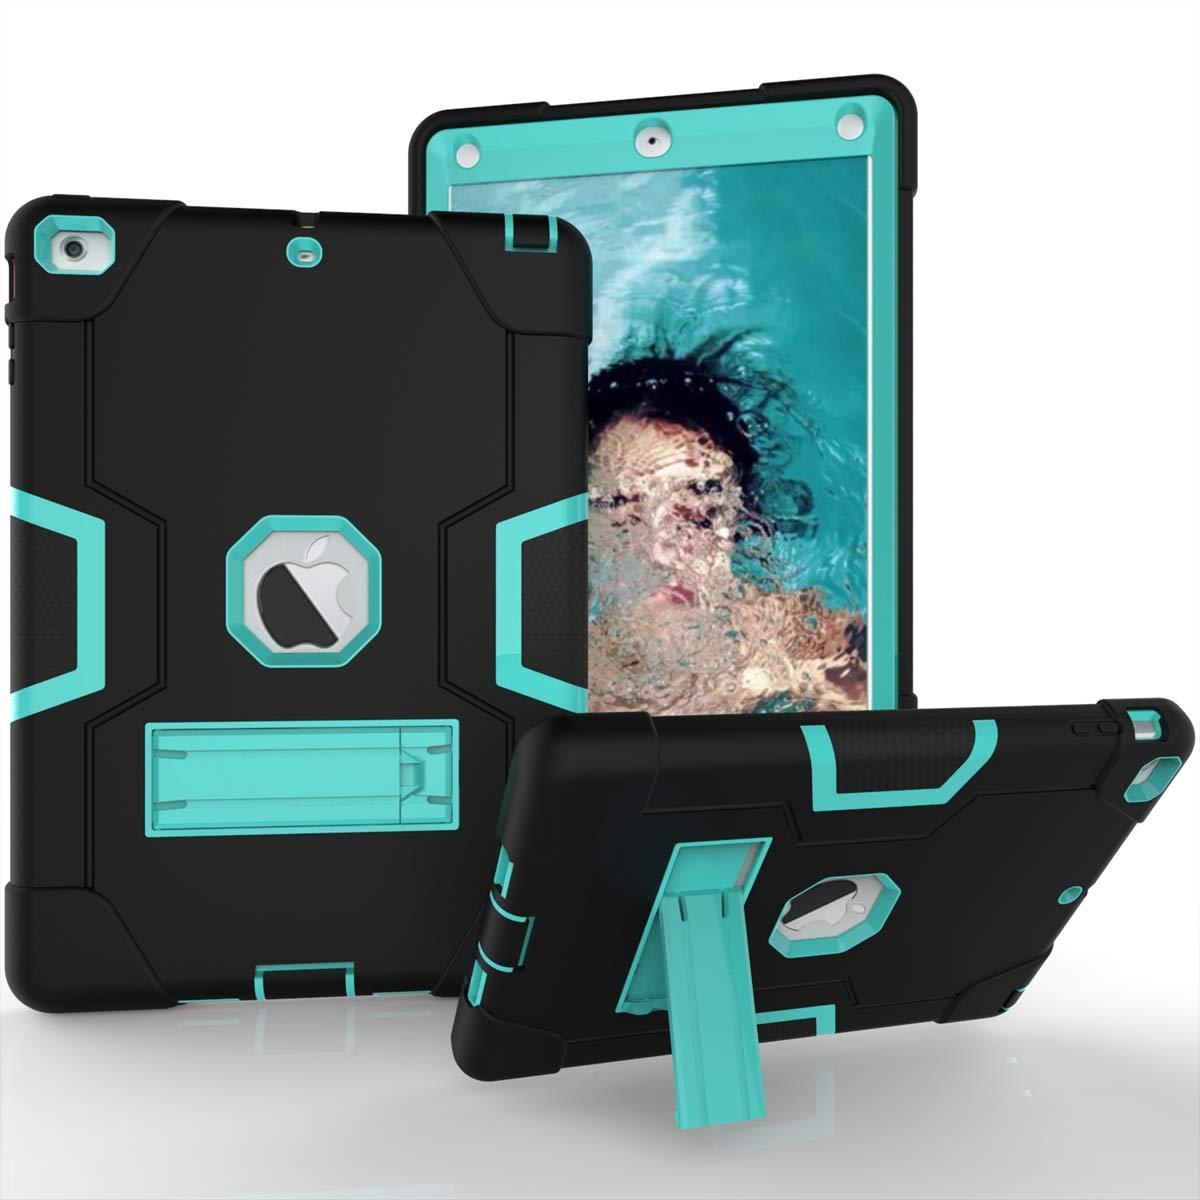 人気特価激安 AICEDA iPad Air 5に対応, iPad 5ケース Aqua 耐傷性 + 耐衝撃性カバー グリップケース iPad Air iPad 5に対応, D40D-BP-323 Black + Aqua B07L4PFVVC, ブルークウォッチカンパニー:fd390520 --- a0267596.xsph.ru